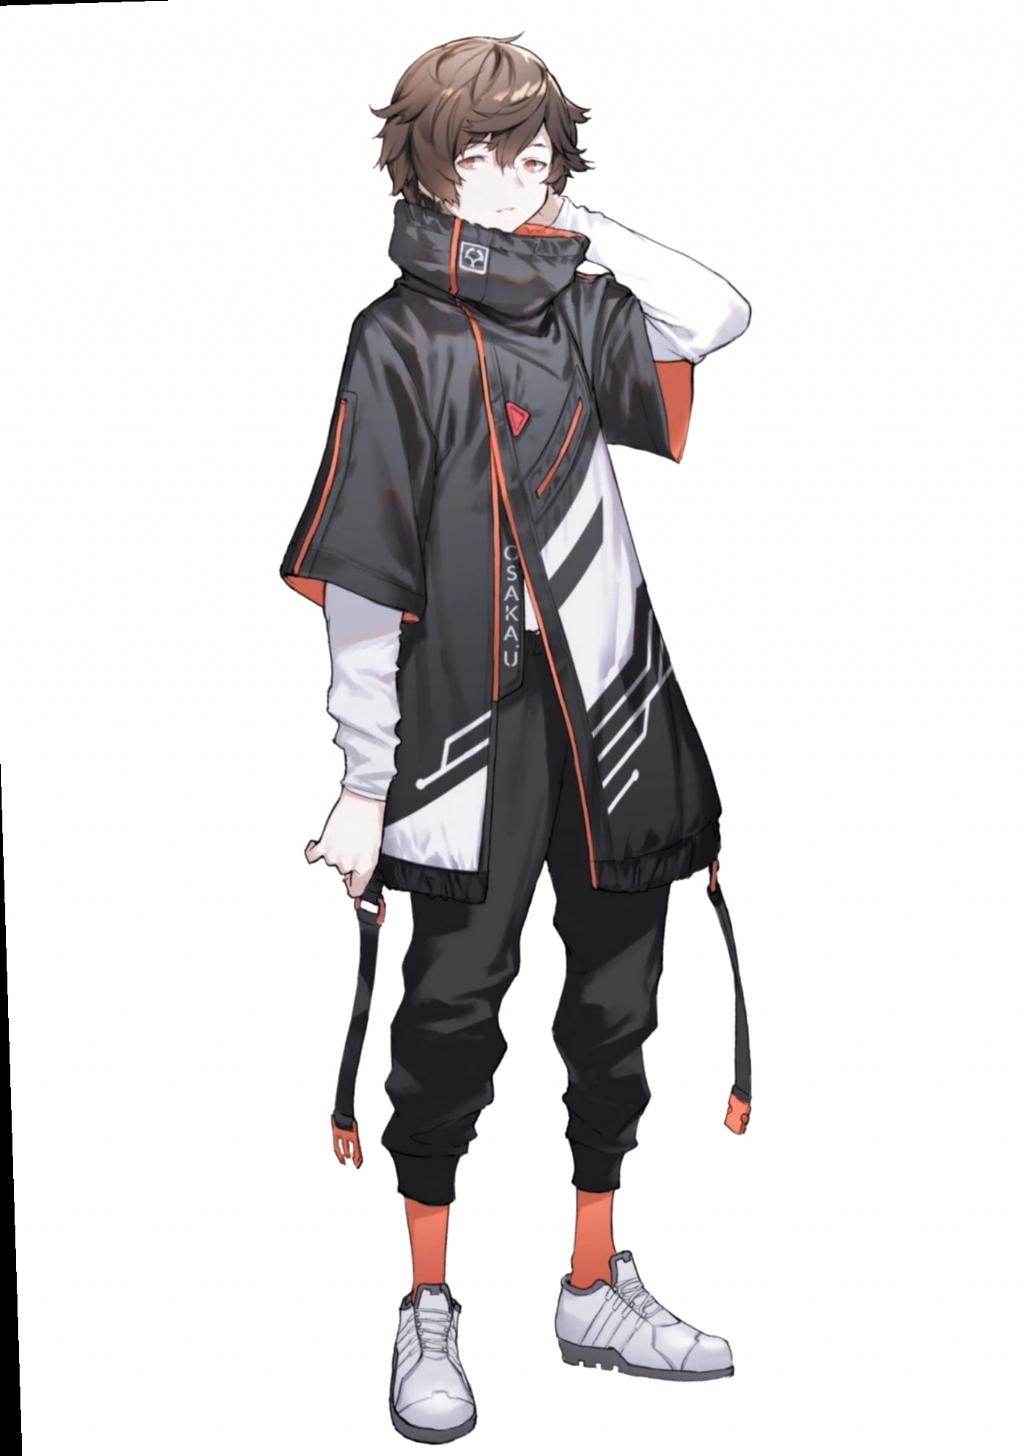 6 Anime Outfits Male Badass animeoutfits 6 Anime Outfits